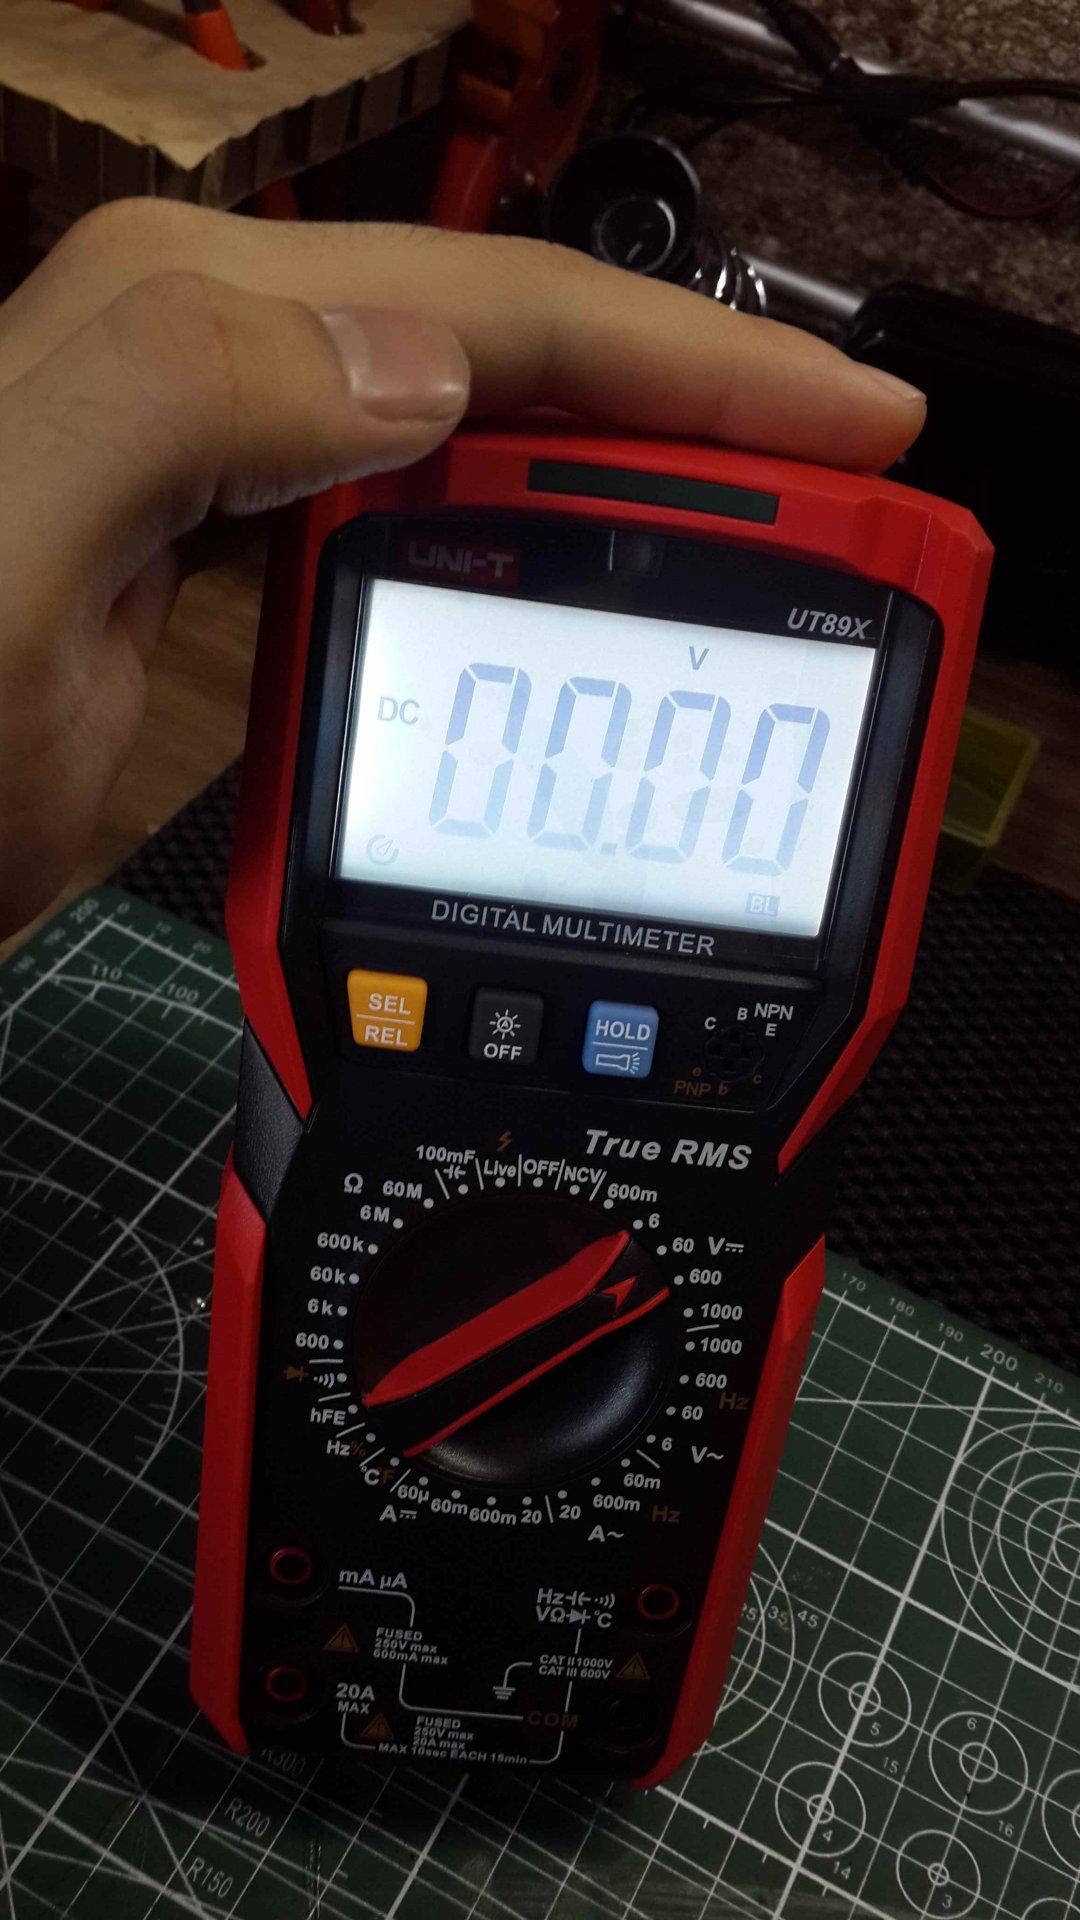 IMG-20201219-WA0006.jpeg